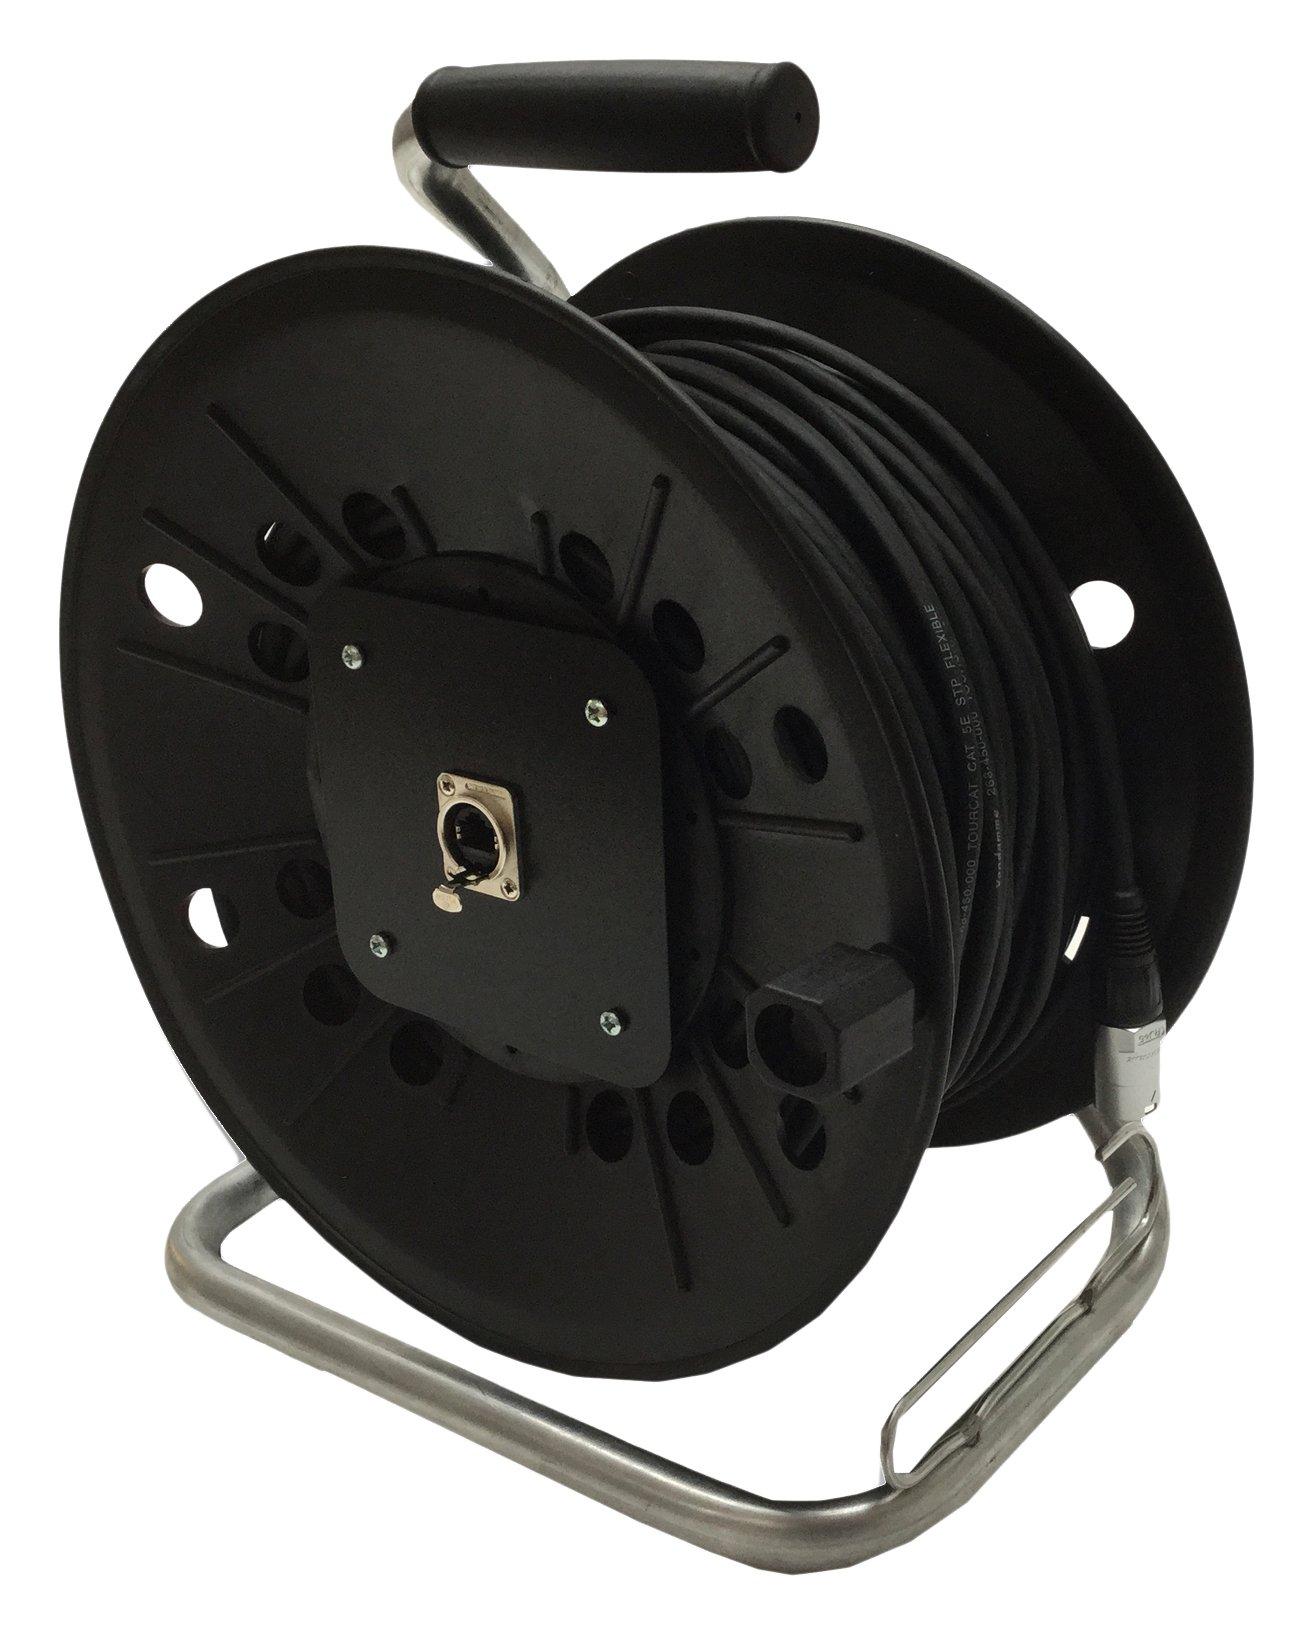 Neutrik Cat5e Lead on Plastic Reel 100 m Ethercon Van Damme Cable by Neutrik